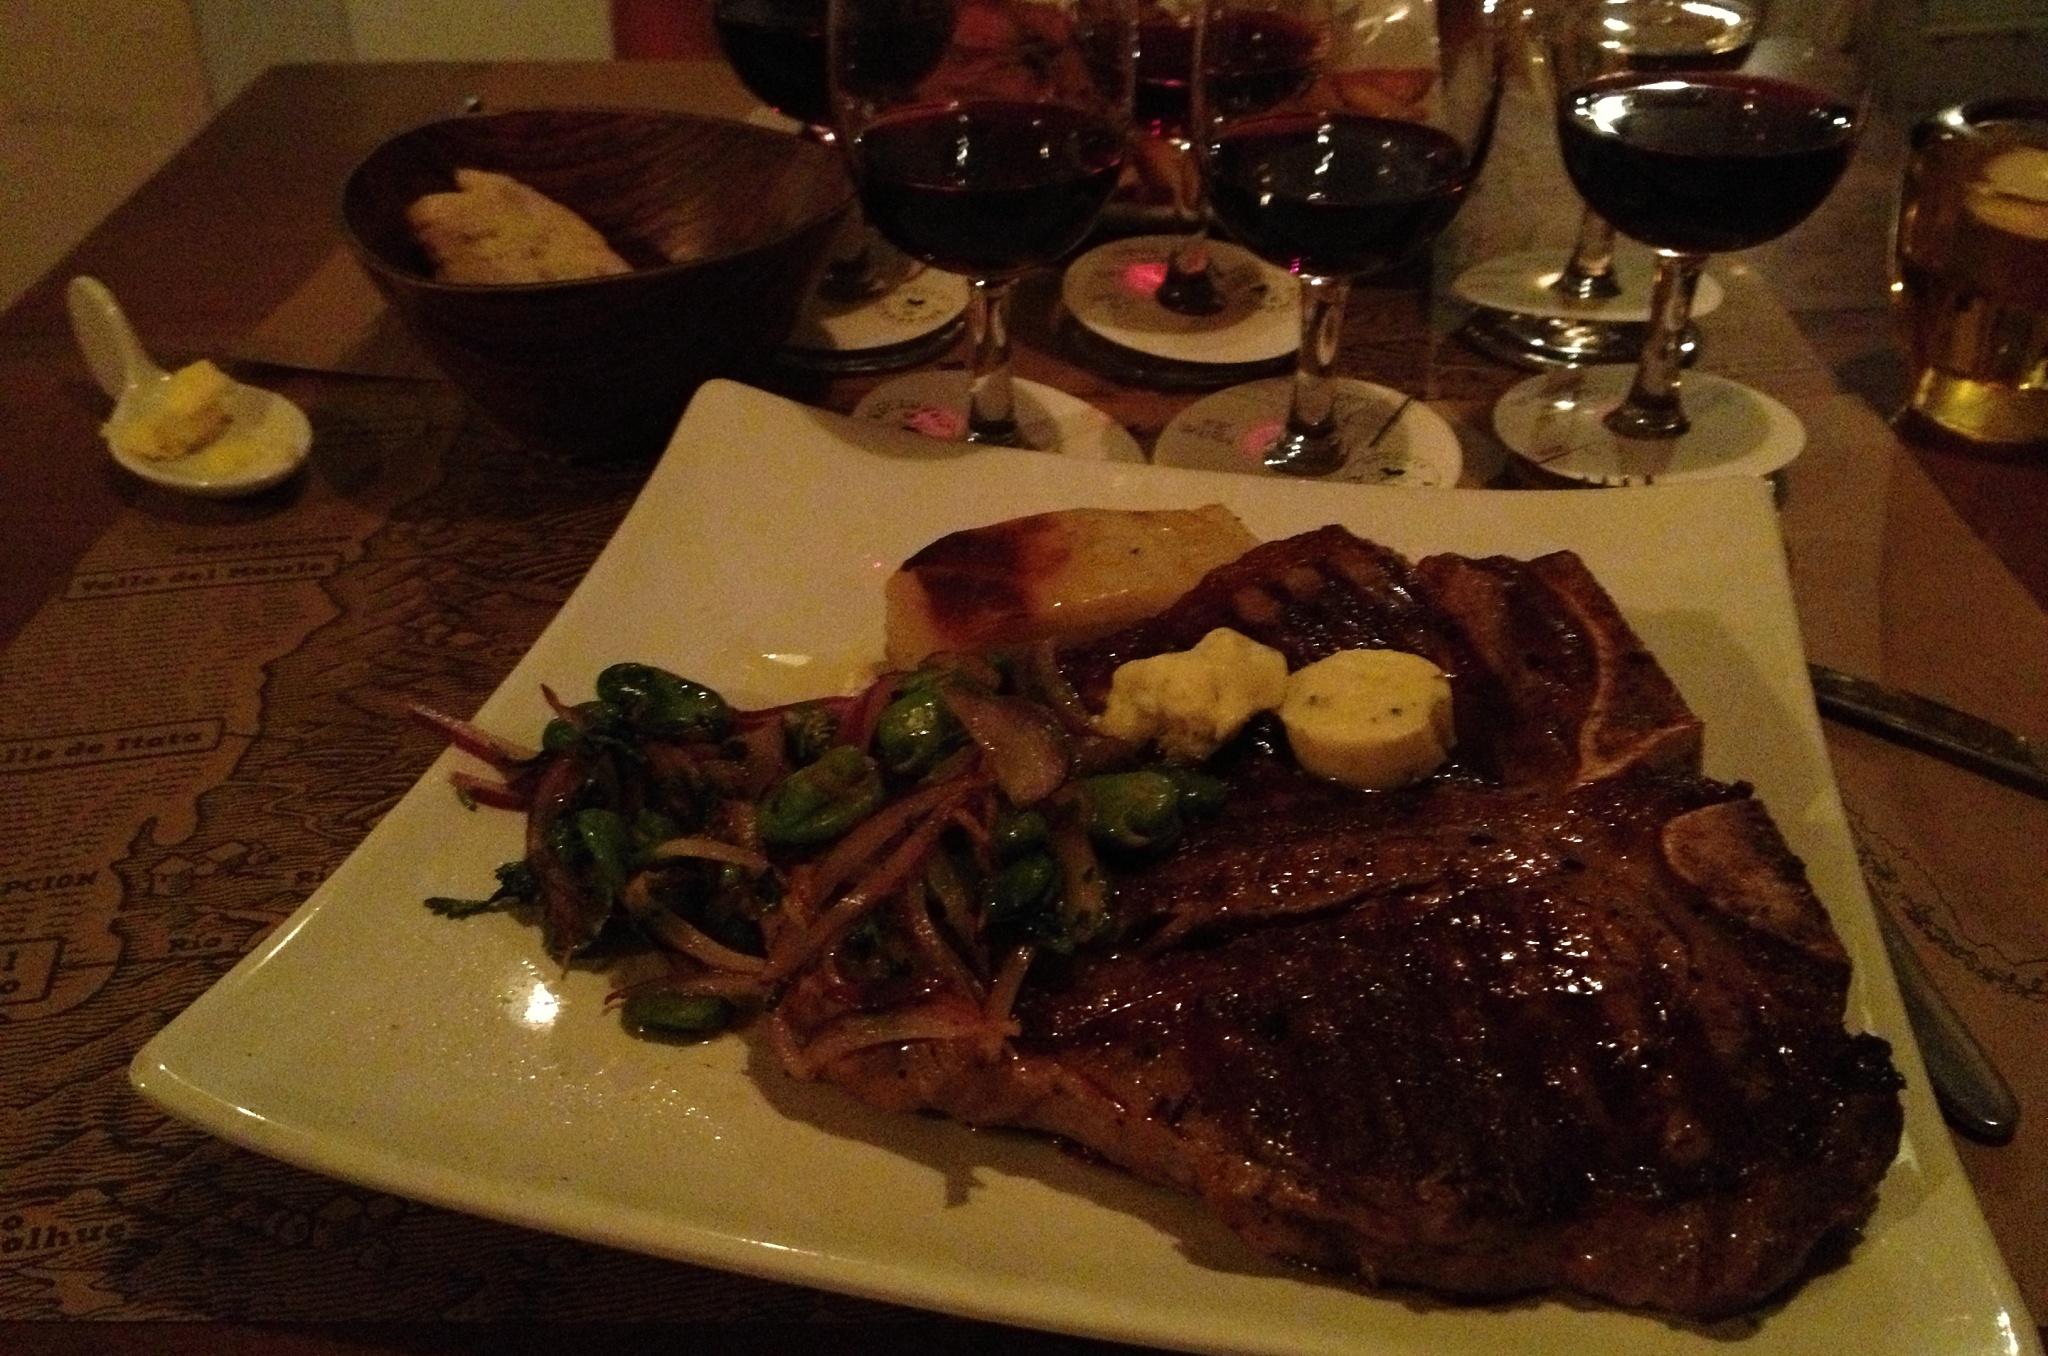 Francouzská restaurace, kde jsme večeřeli